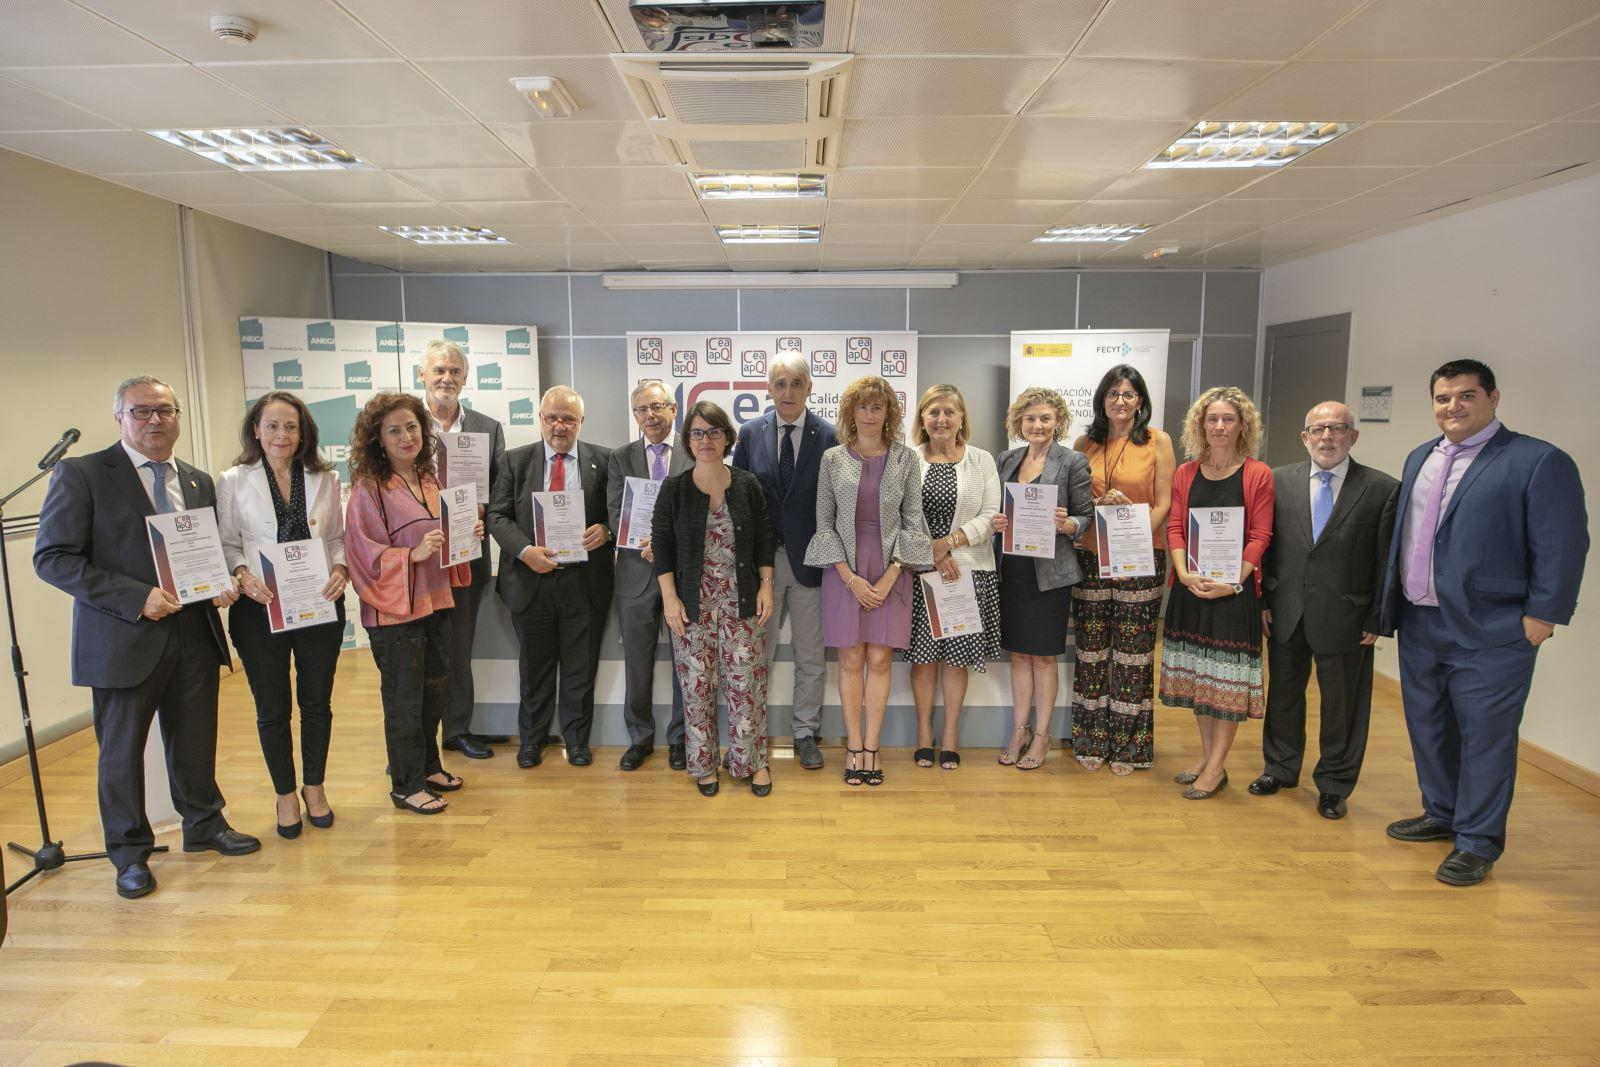 Entregados los certificados del sello de calidad en edición académica CEA-APQ, obtenidos en la convocatoria de 2018 / Rodrigo Mena Ruiz